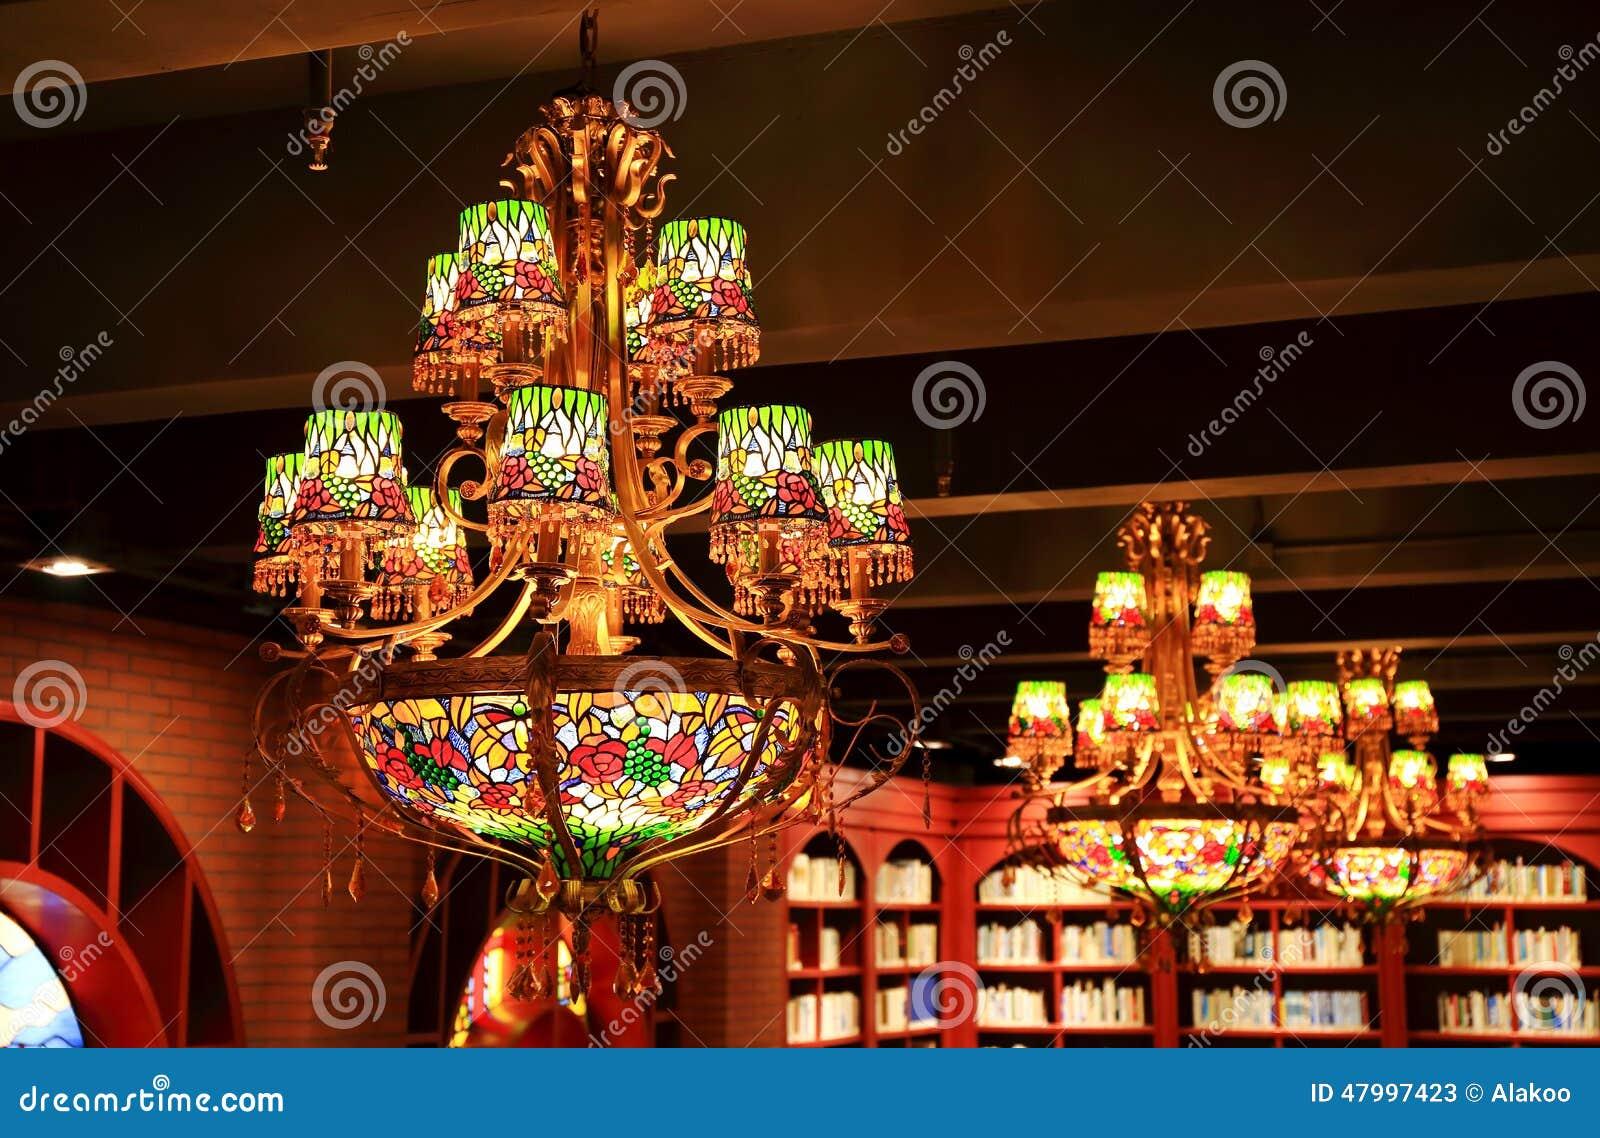 ornate lighting vintage chandelier ceiling lamp pendant light room lighting vintage chandelier ceiling lamp pendant light room lighting stock